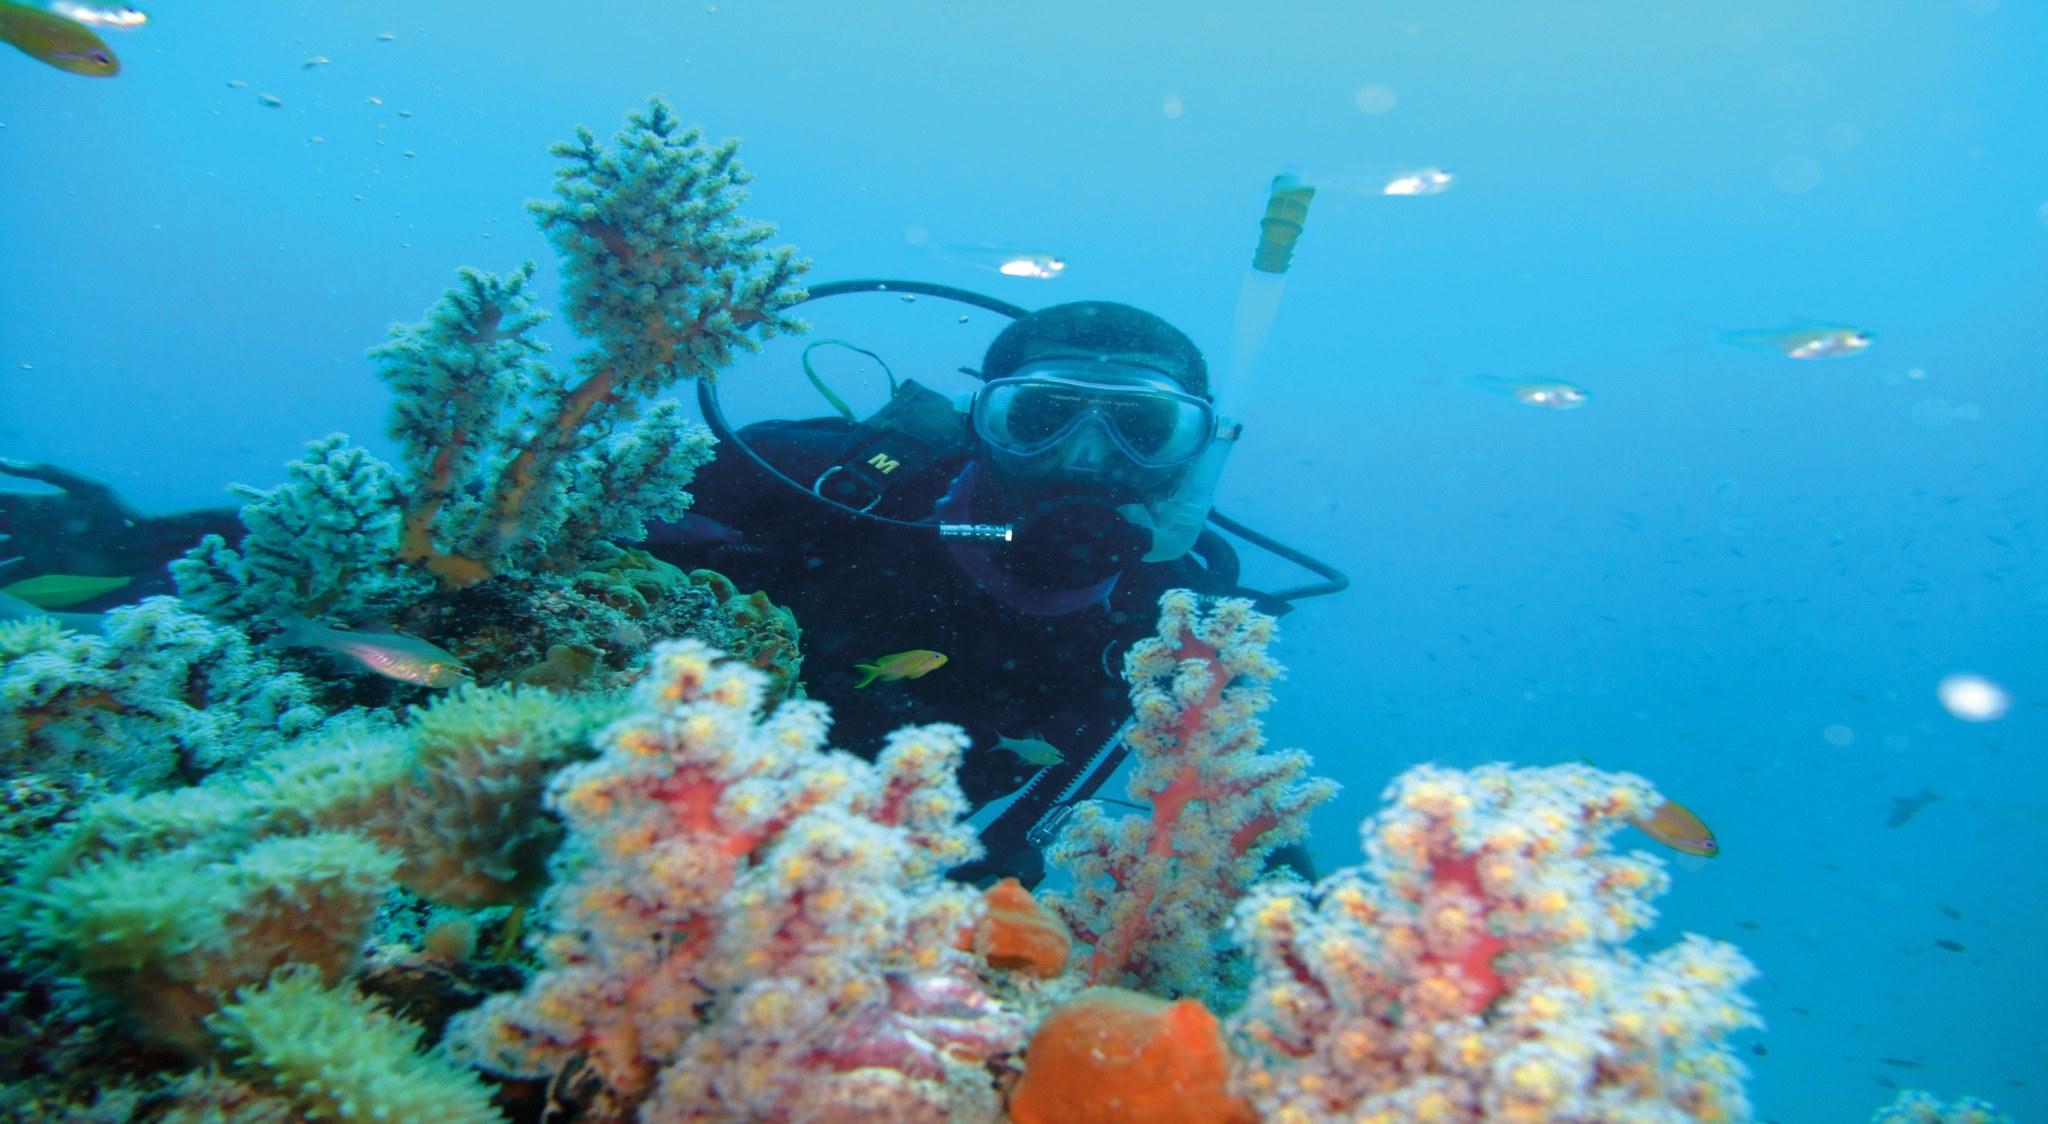 Aufnhame eines Tauchers am Riff, der in Kenia tauchen war